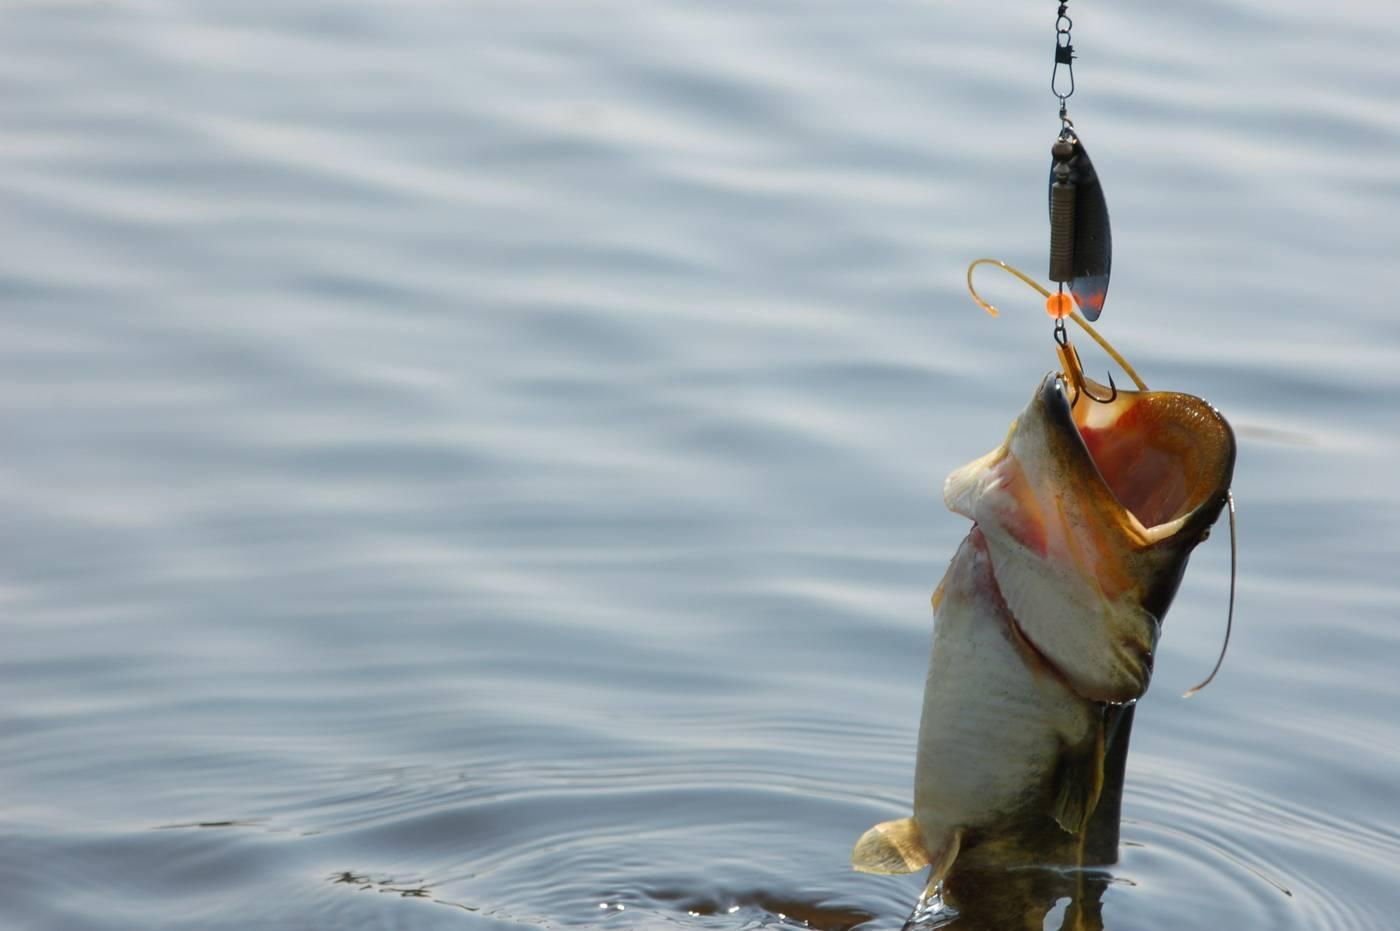 Снасти для рыбалки: обзор самых уловистых и как сделать своими руками